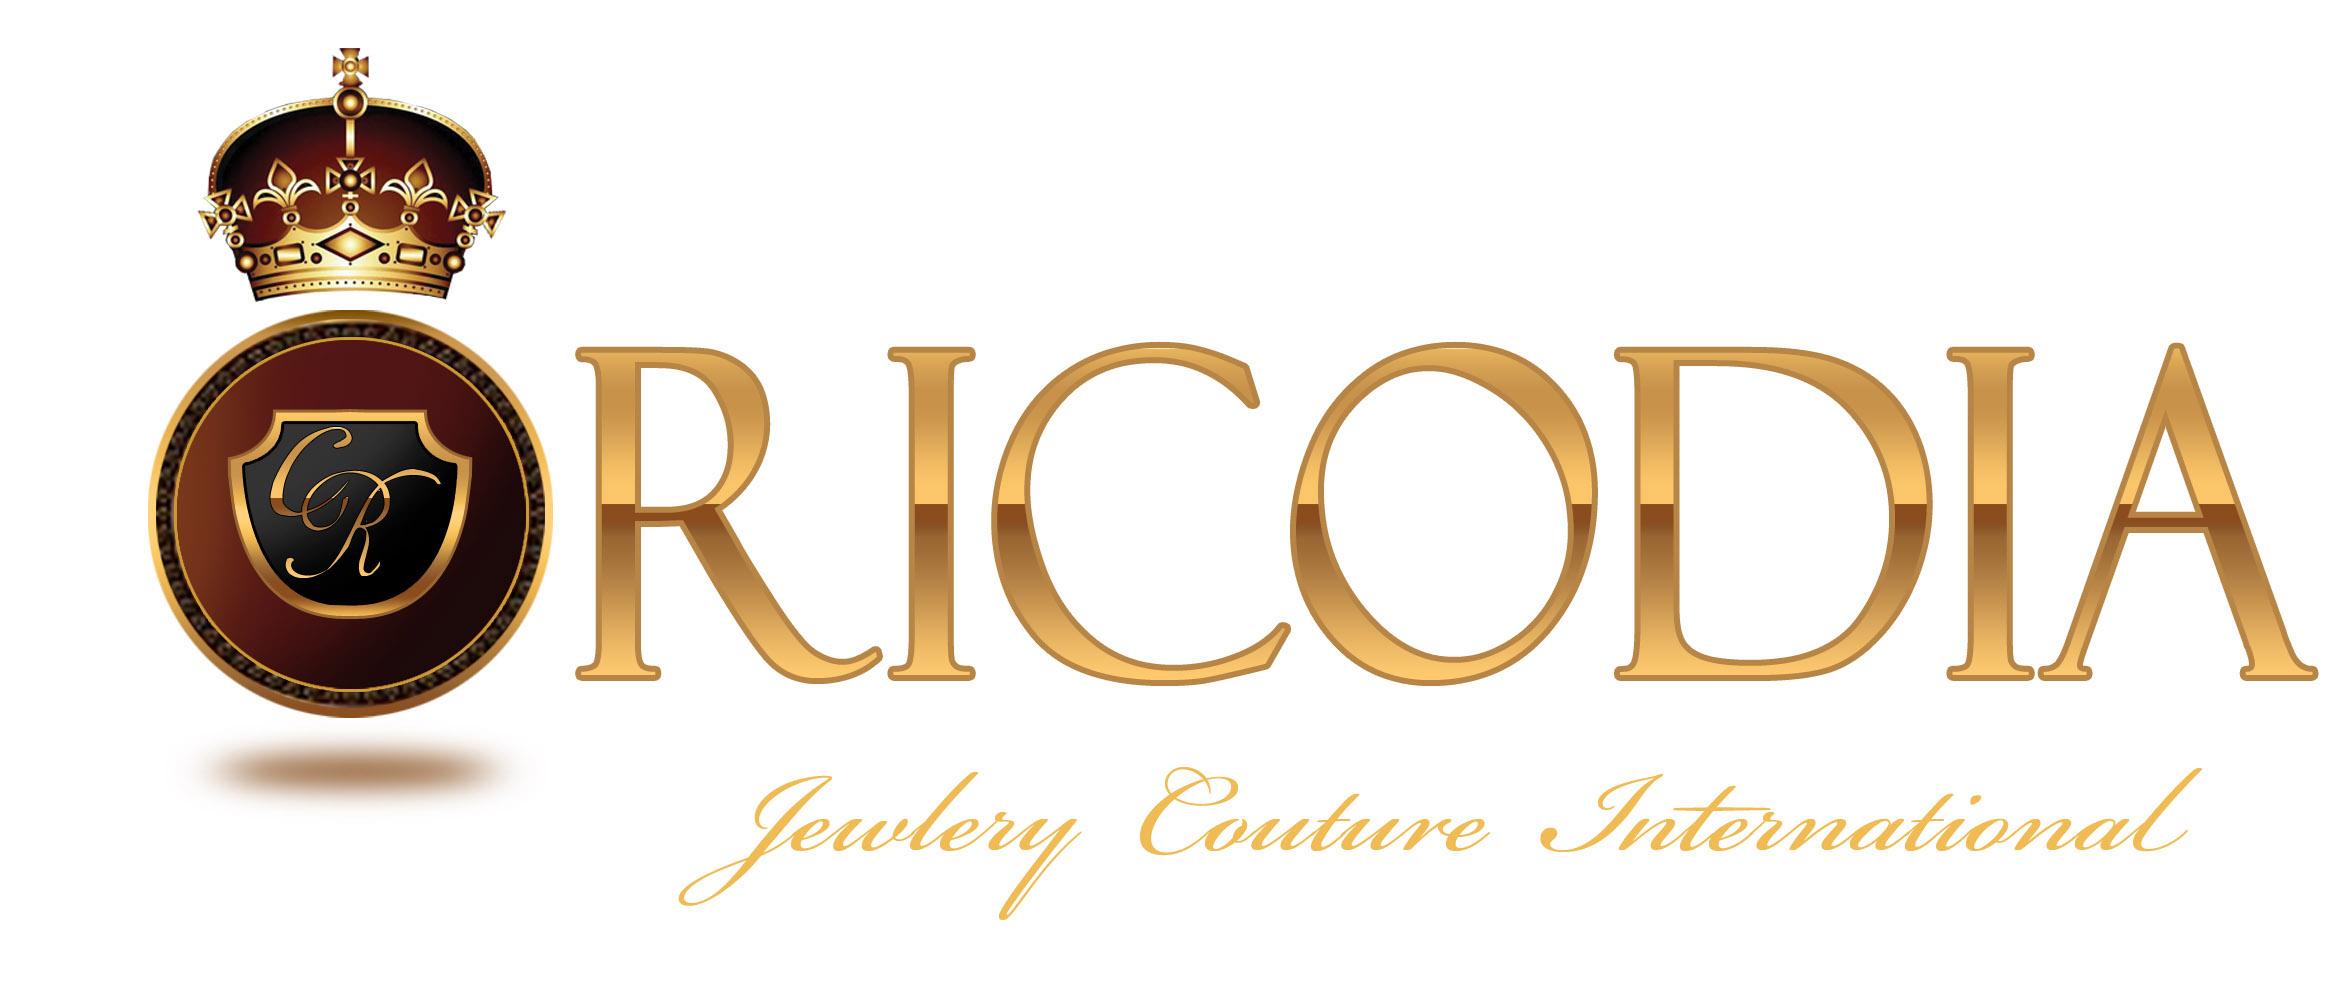 Ricodia JCI